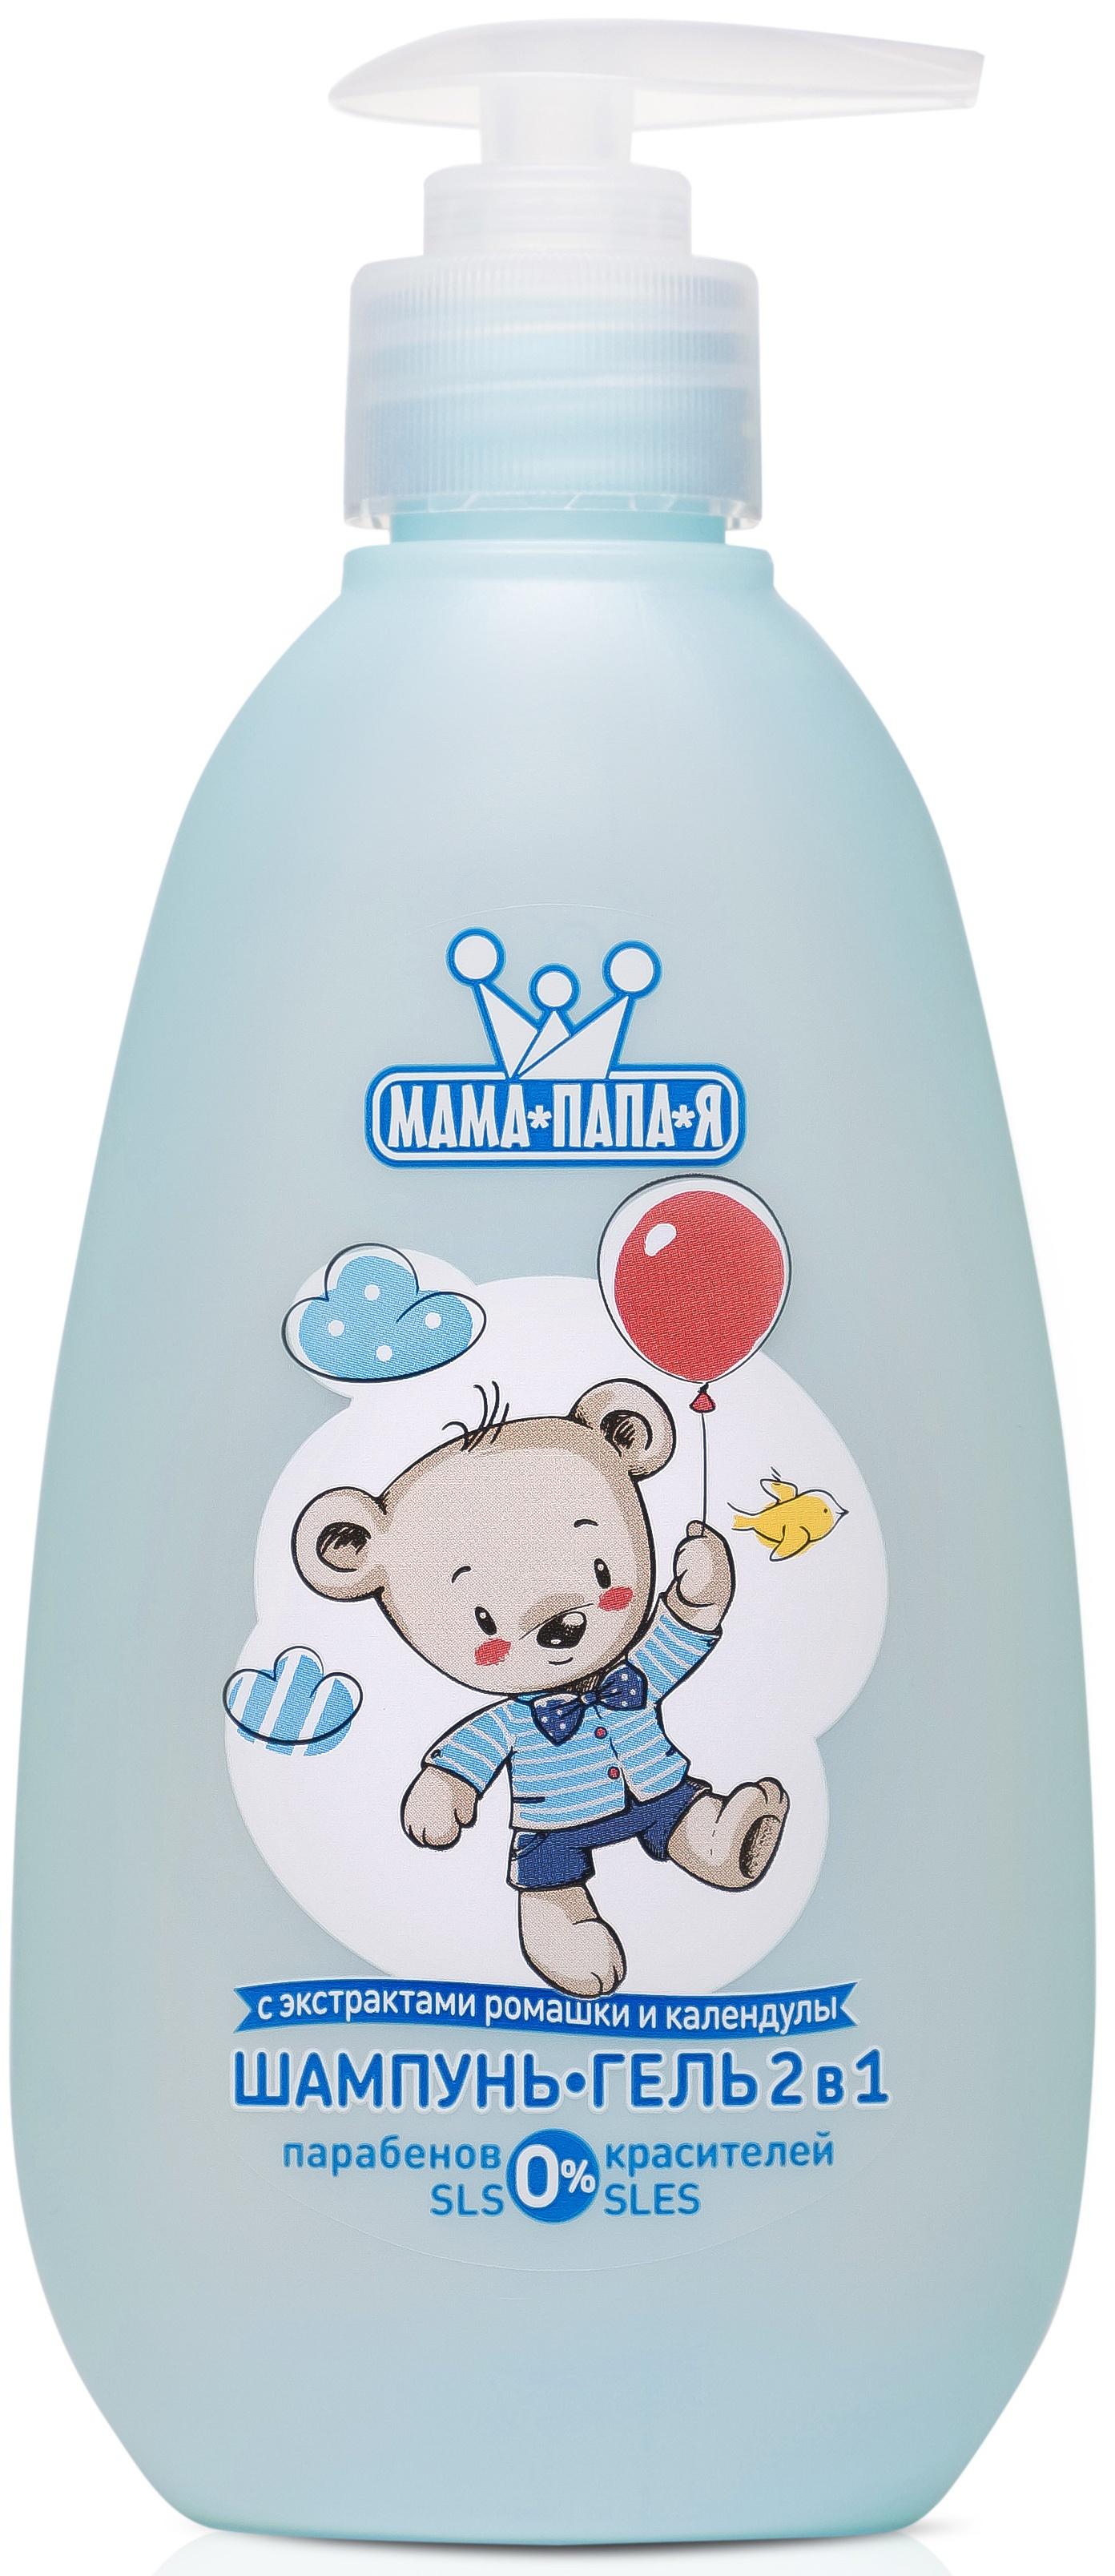 Шампунь для волос МАМА ПАПА Я детский Шампунь-гель 2в1 с ромашкой и календулой наша мама мыло с ромашкой и календулой 100г